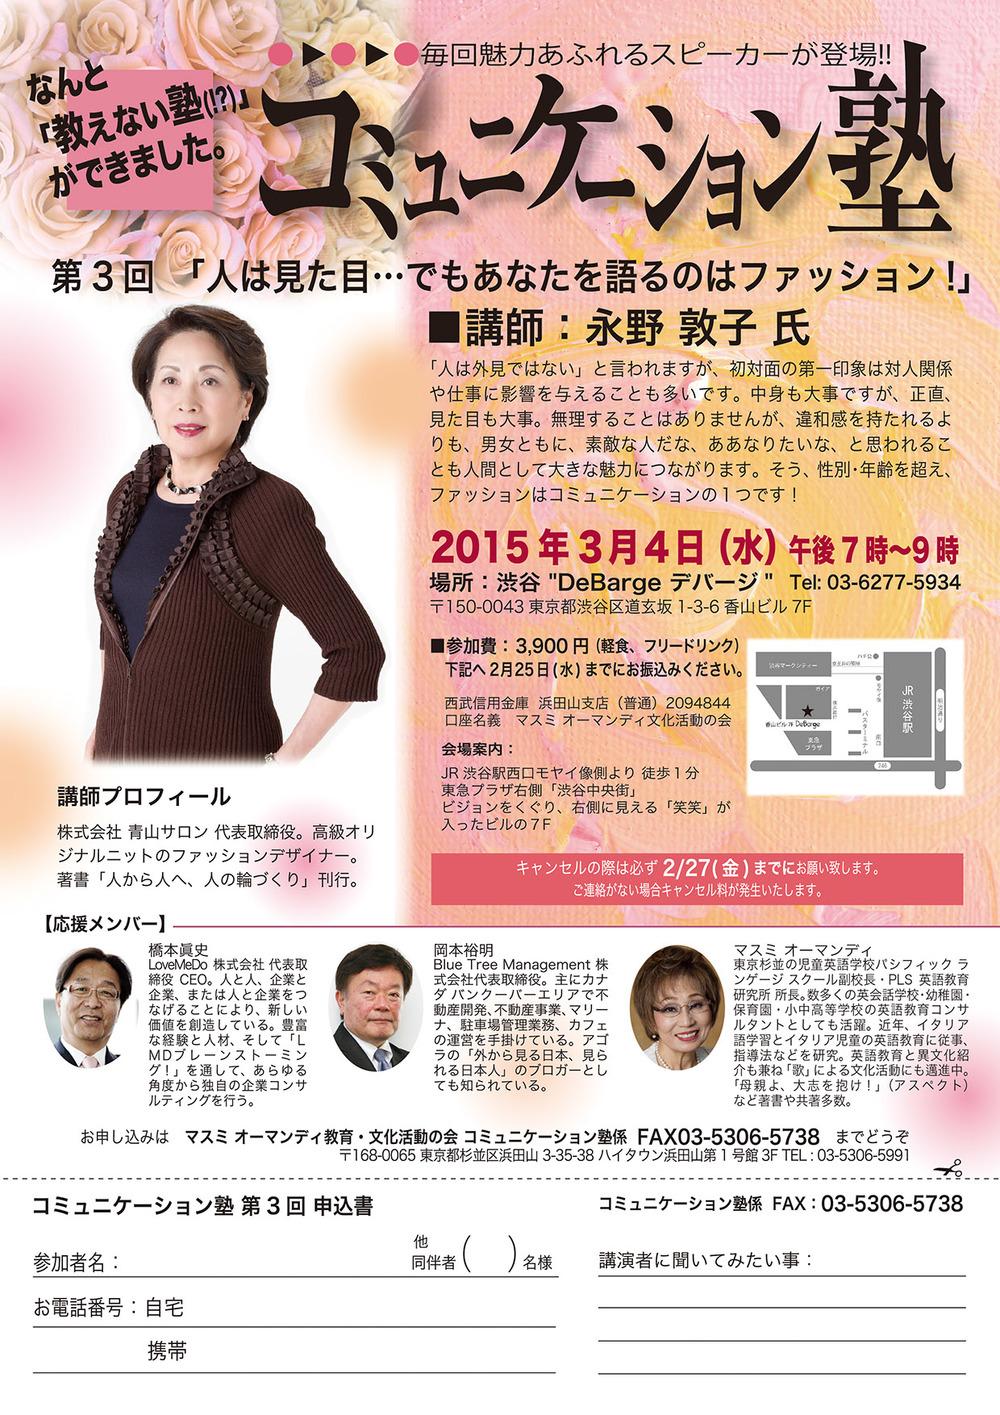 第3回 2015年3月4日 渋谷 「人は見た目・・・でもあなたを語るのはファッション!」 永野敦子